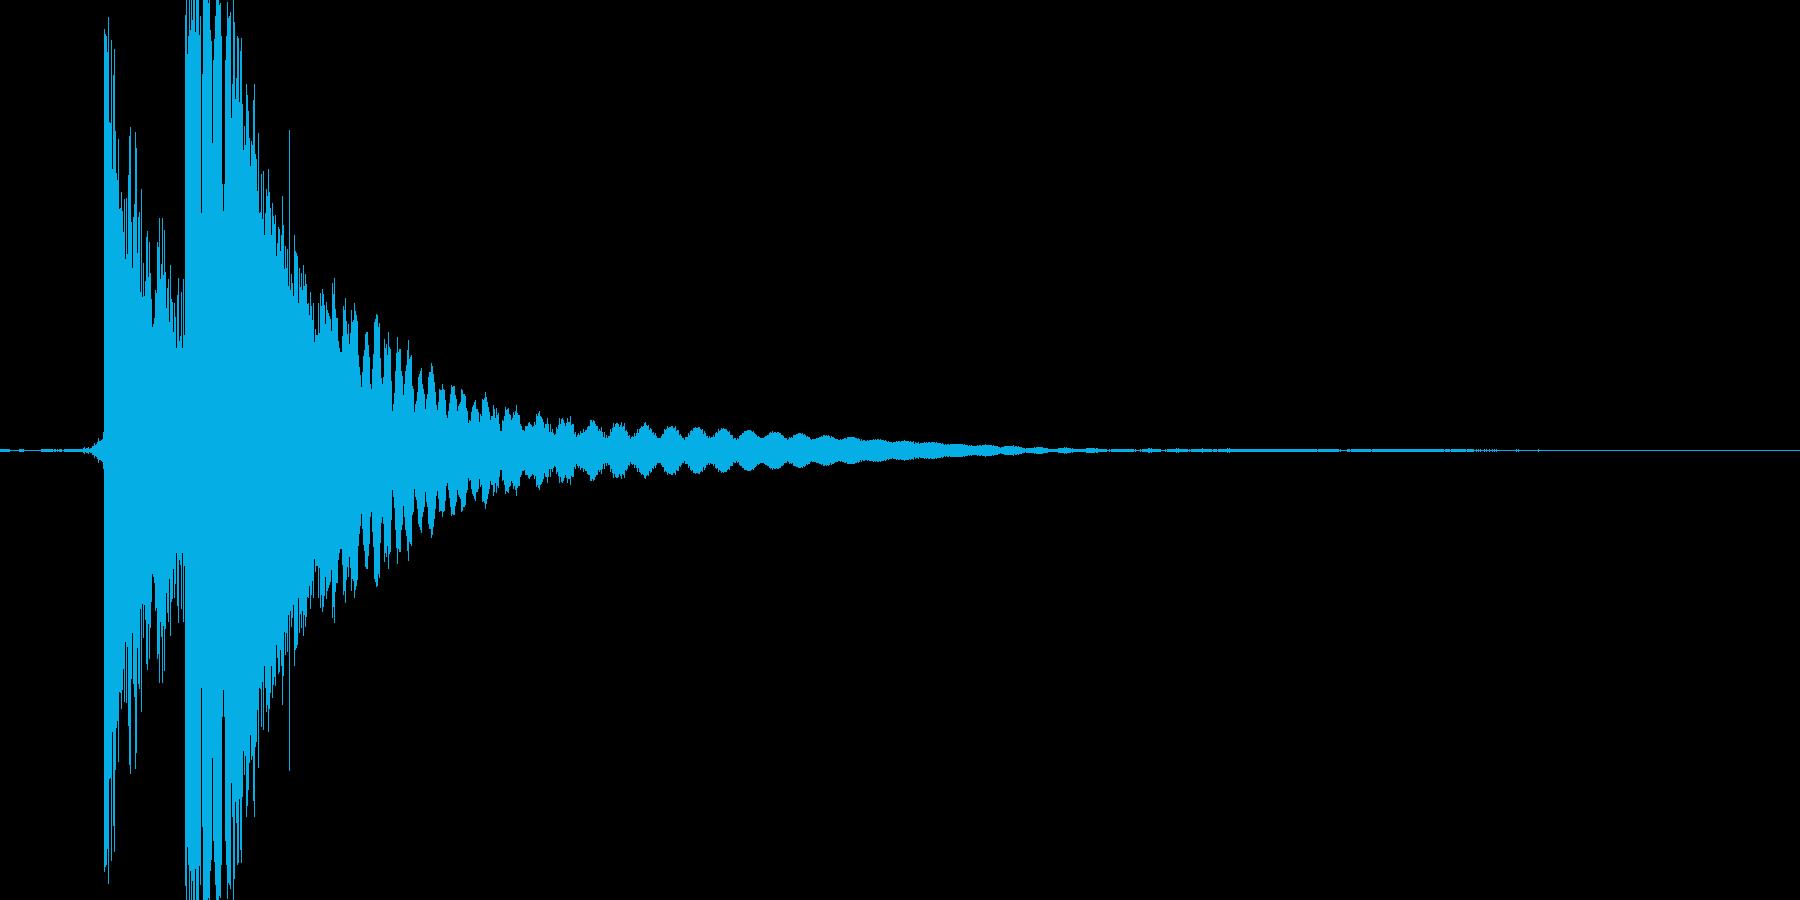 チン。グラス/コップをぶつける音の再生済みの波形